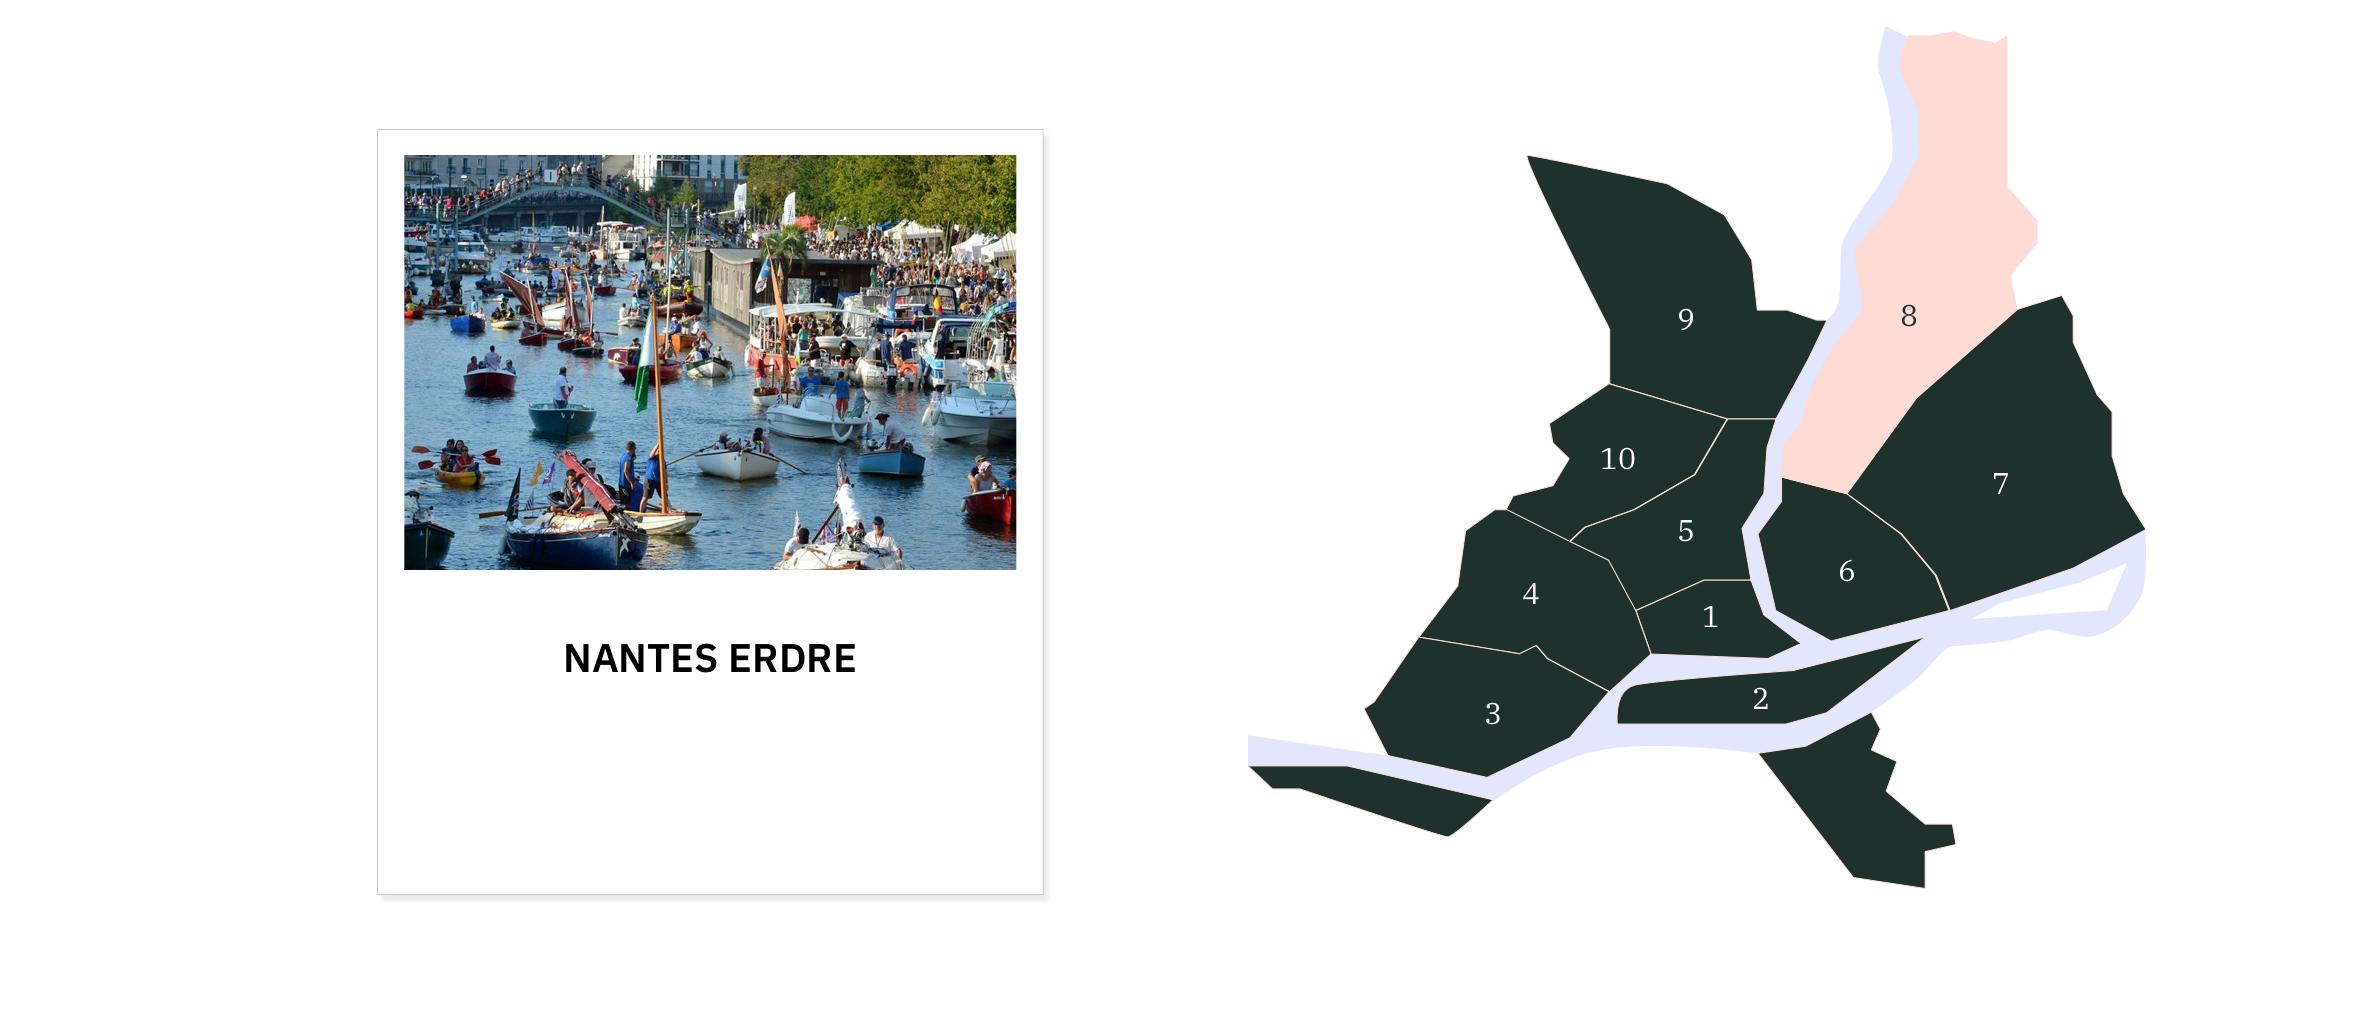 Nantes Erdre ⎜Carte des quartiers de Nantes